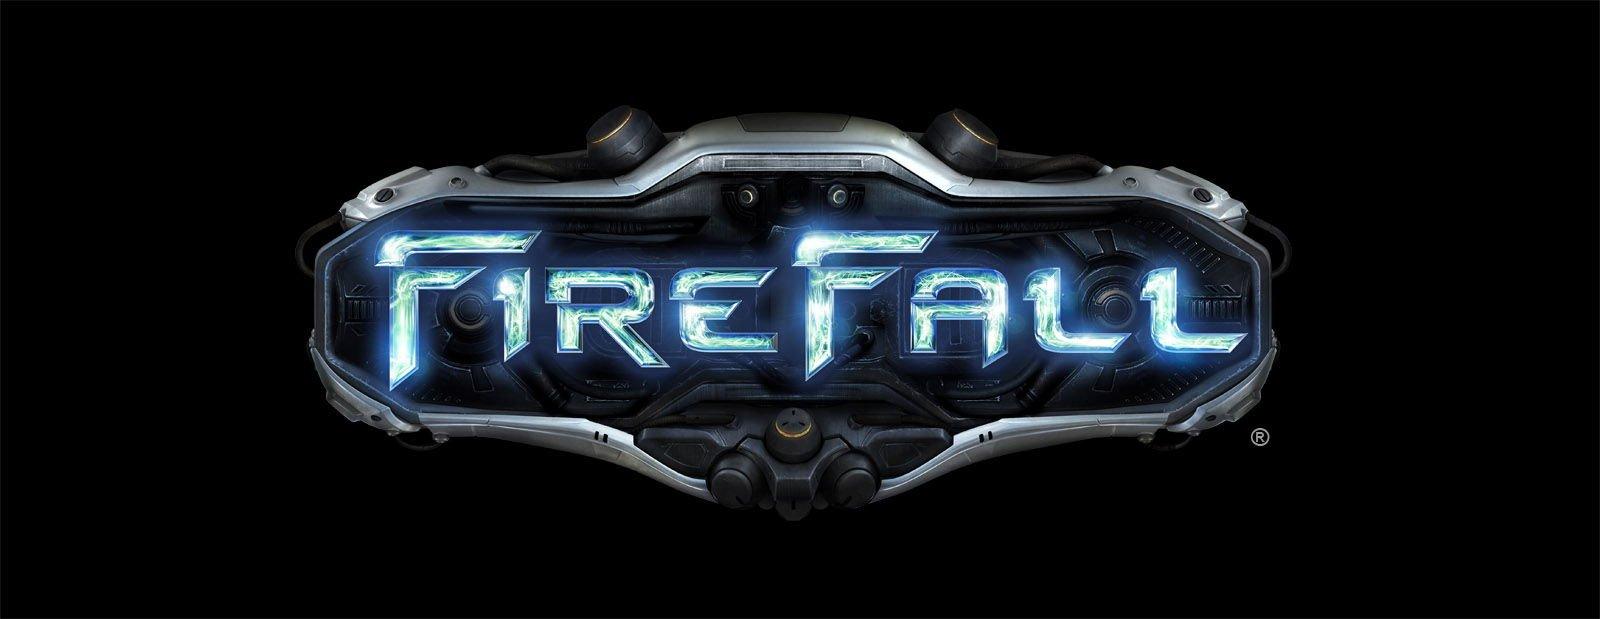 Firefall matchmaking